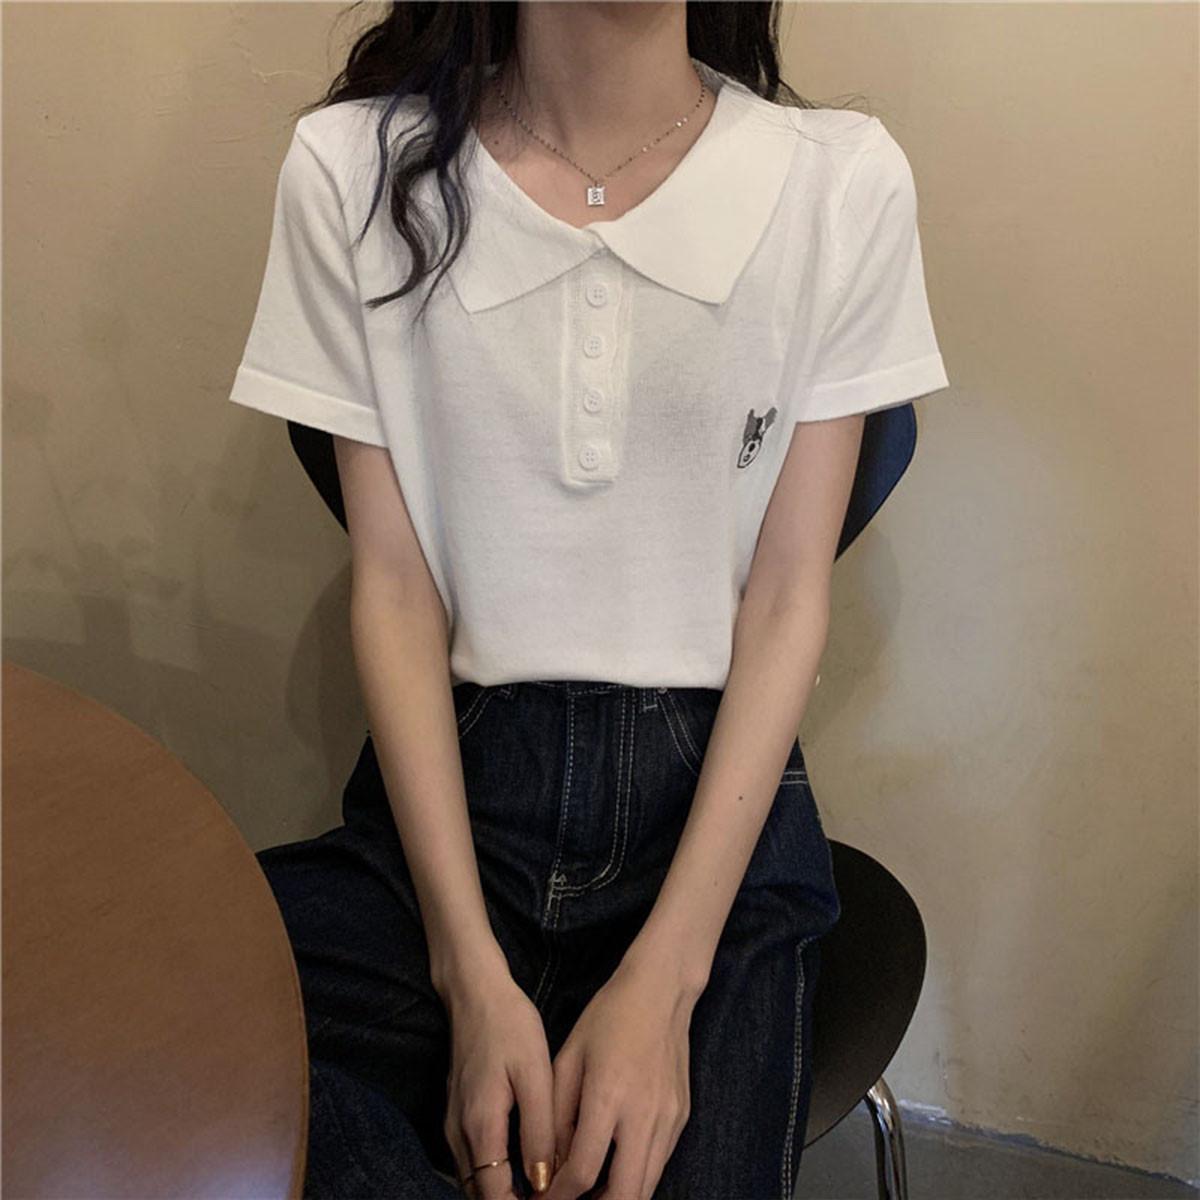 质检官图夏秋2021韩版宽松POLO衫百搭短款露脐上衣短袖T恤女潮